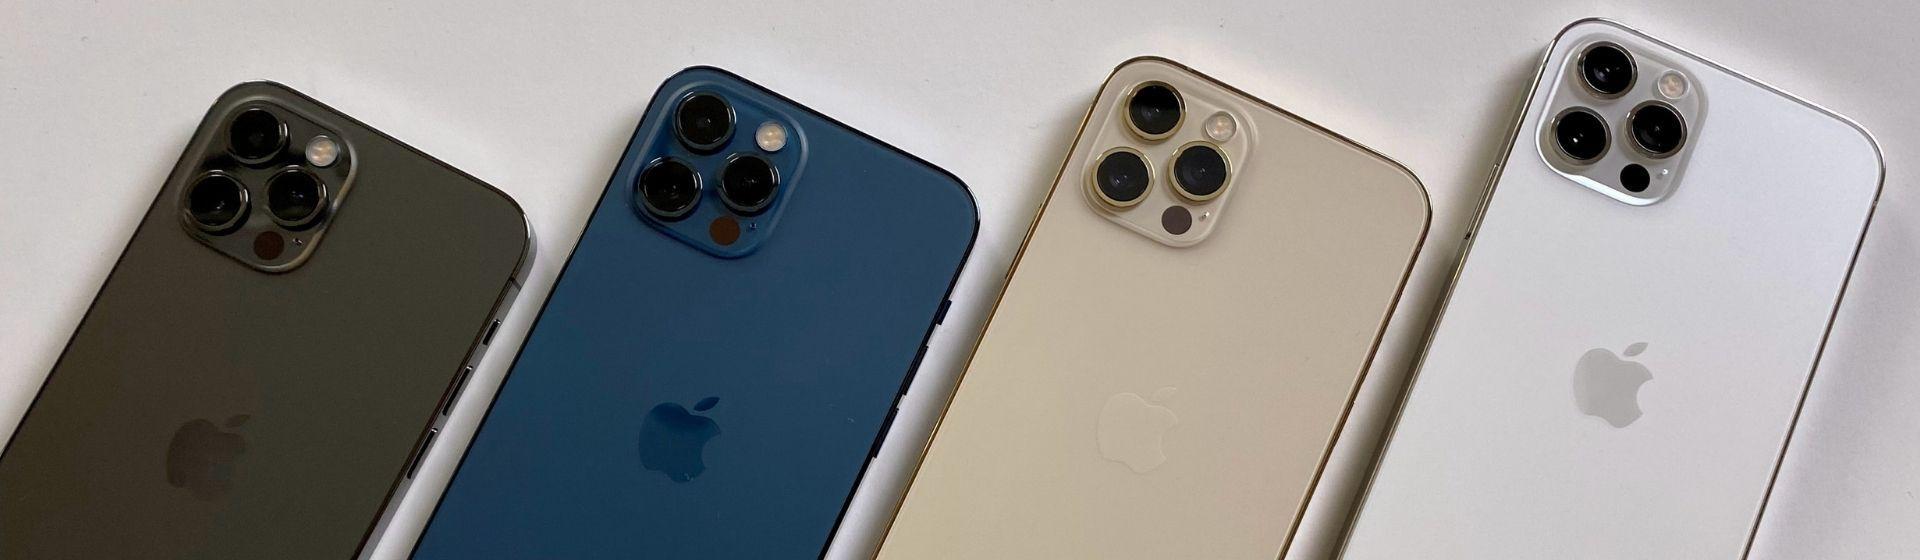 Recursos do iPhone que você não sabia que existiam